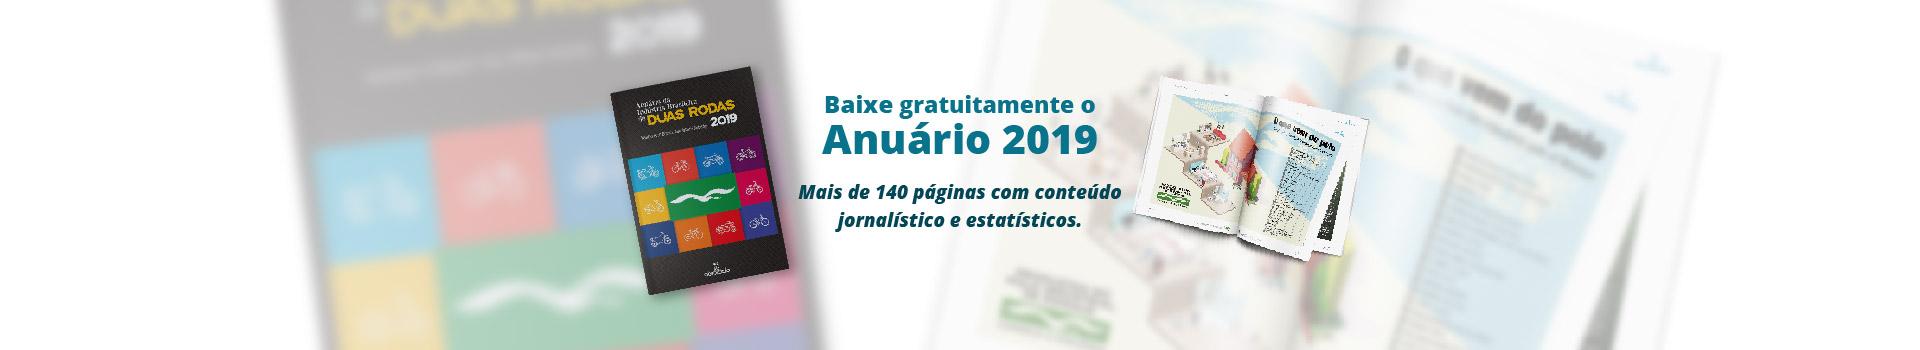 ANUARIO_2019-01